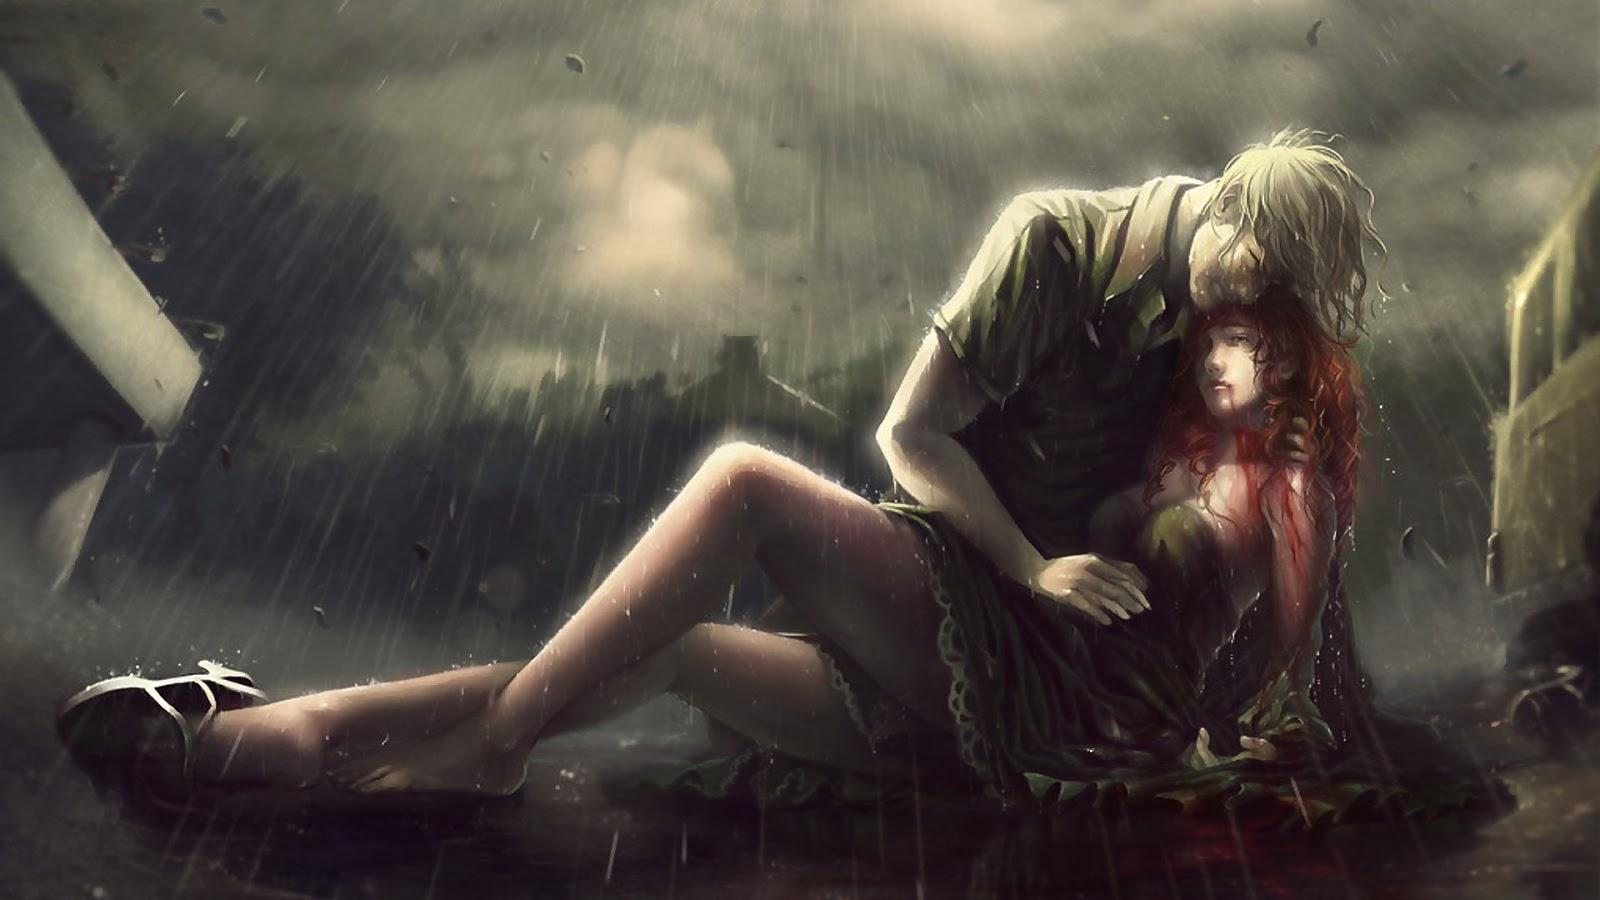 Những giọt mưa lặng lẽ âm thương là biểu hiện của nỗi buồn và nỗi khát khao mong chờ một điều gì đến